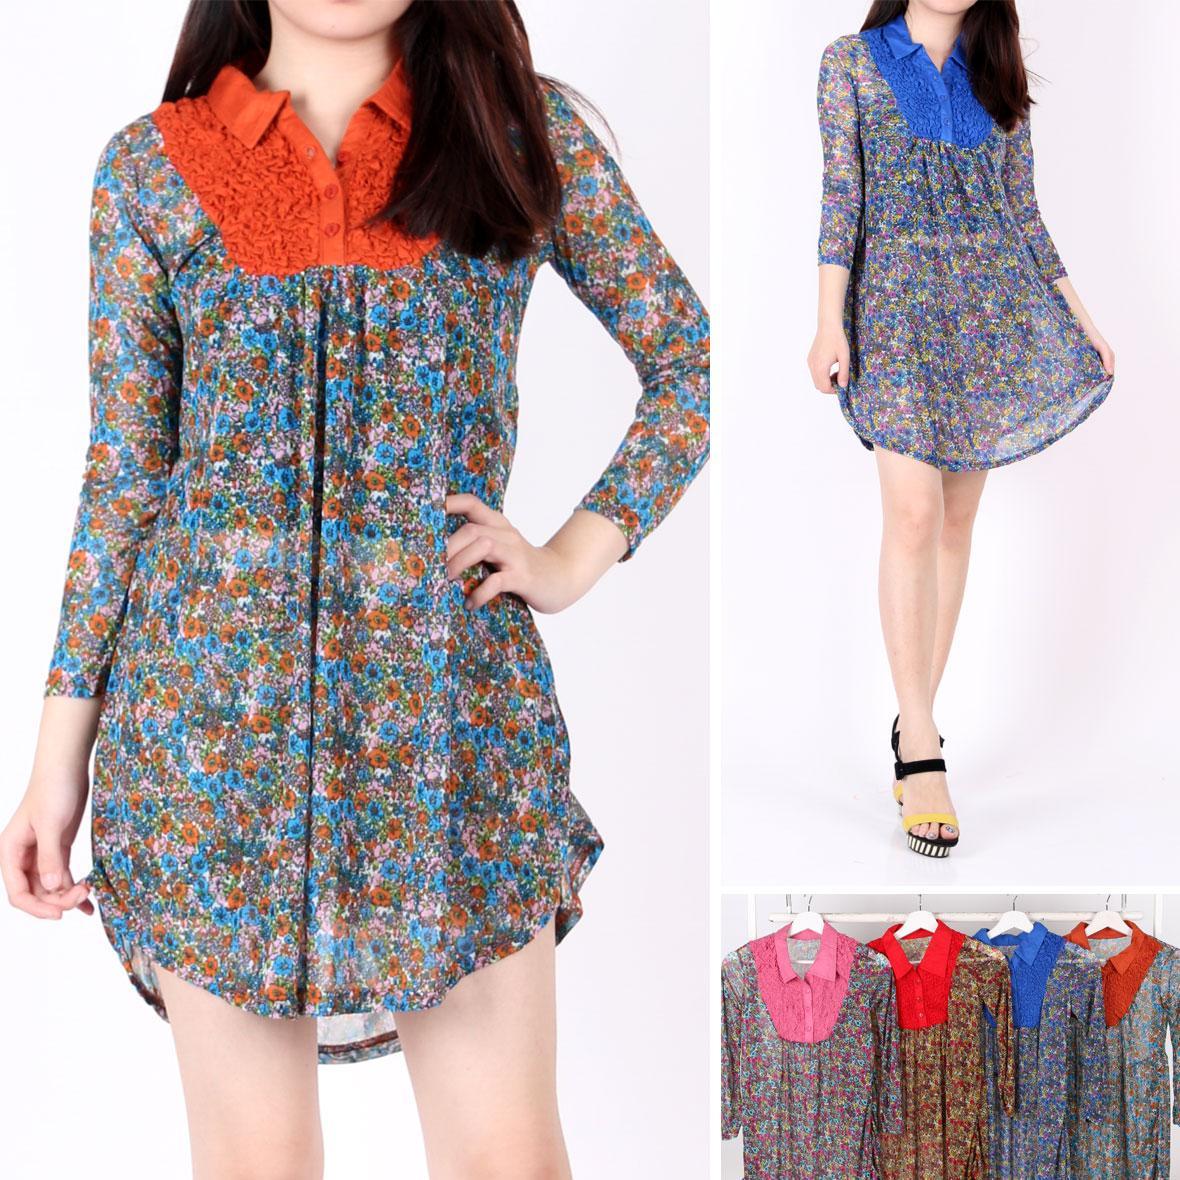 Oma Holley Fashion Birgitta Mini Dress 3/4 Lengan 4 Warna - Size M